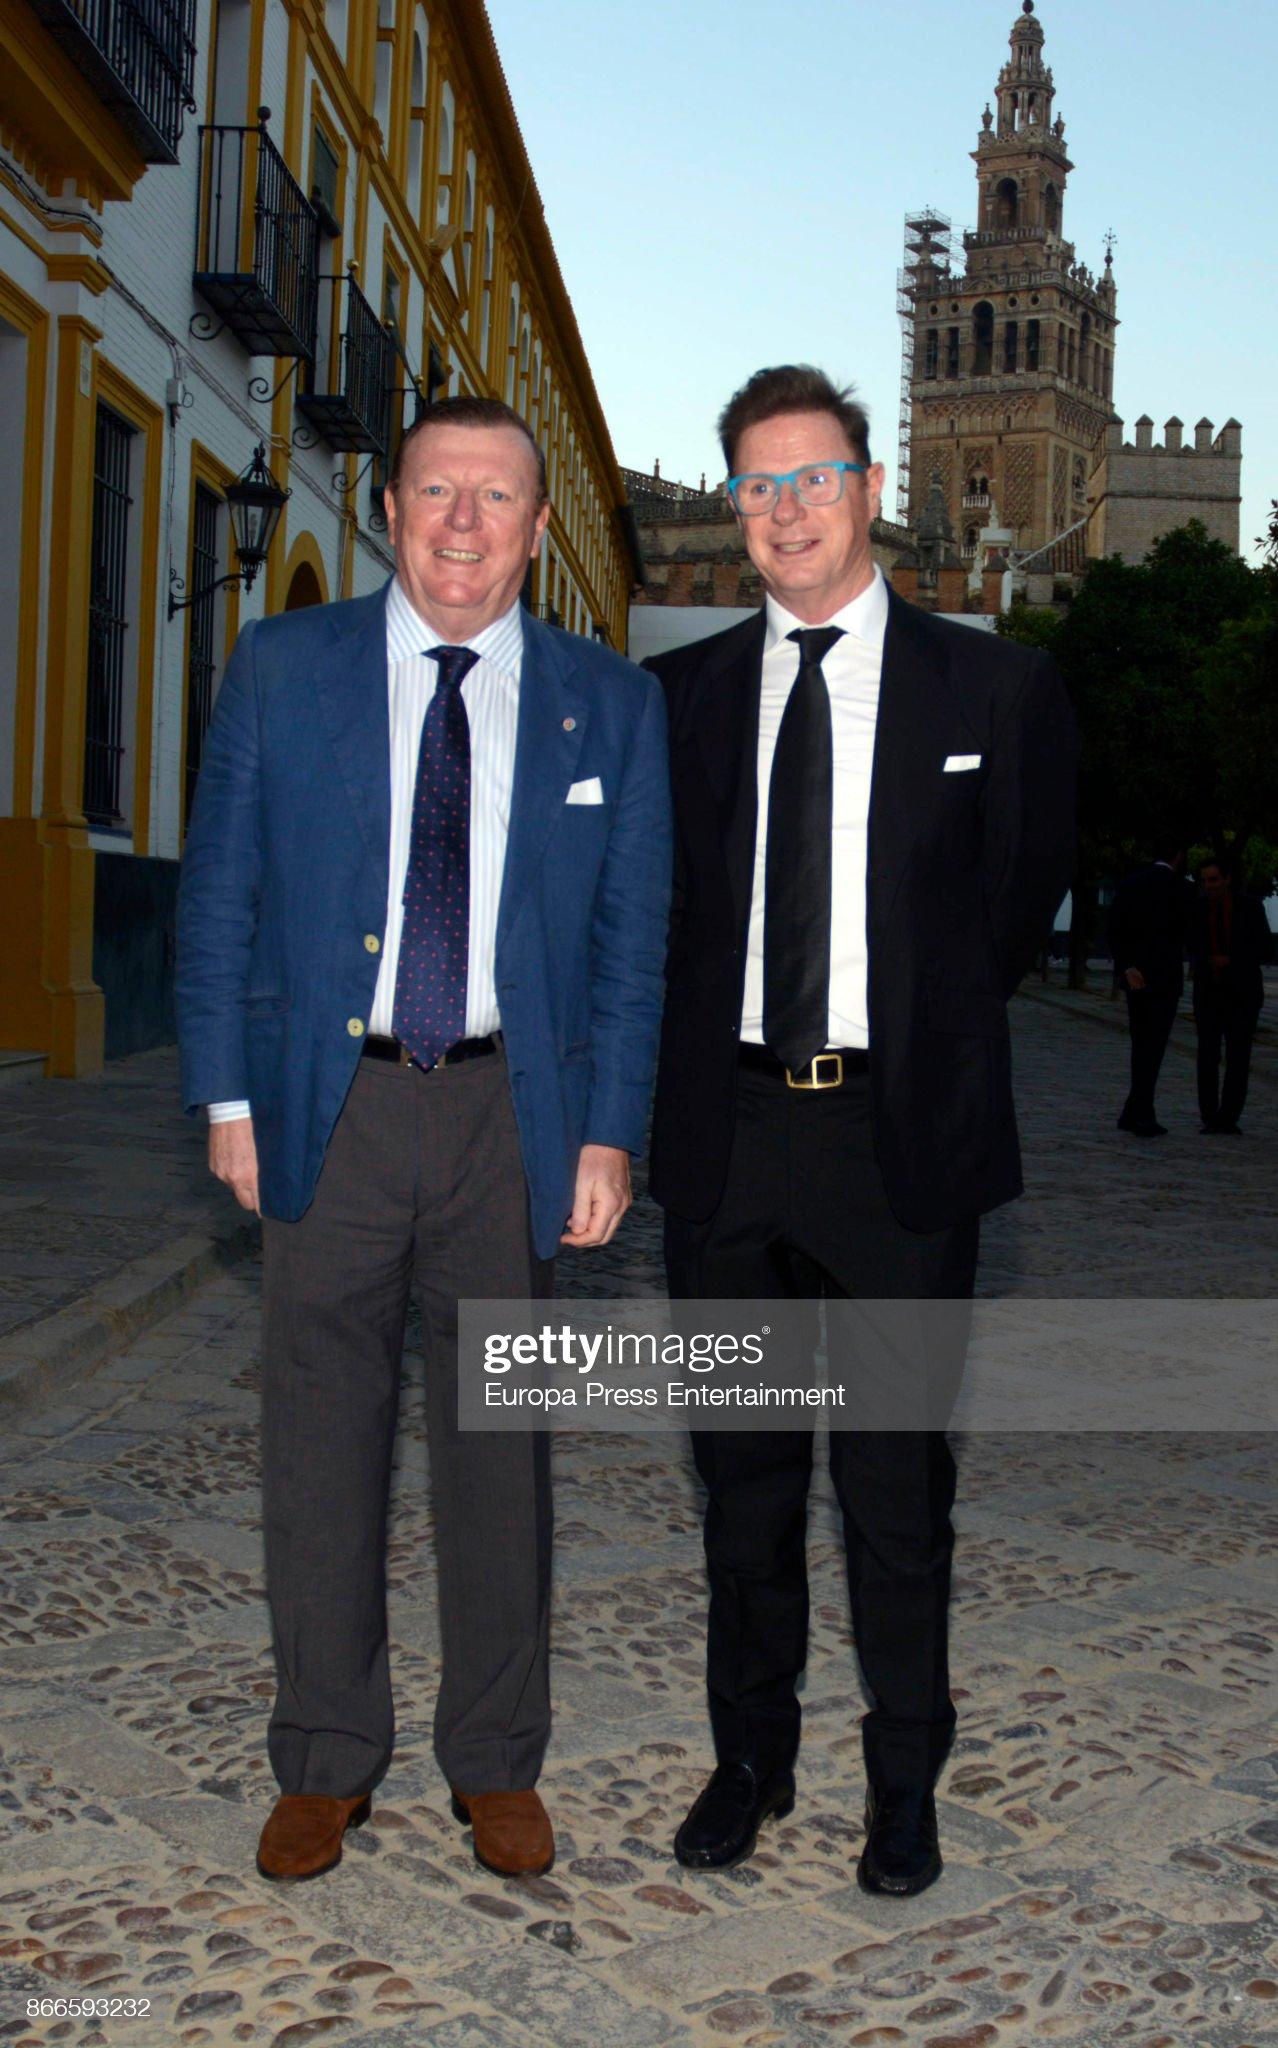 ¿Cuánto mide César Cadaval? (Los Morancos) - Altura Jorge-cadaval-and-cesar-cadaval-attend-xiv-festival-de-las-naciones-picture-id866593232?s=2048x2048